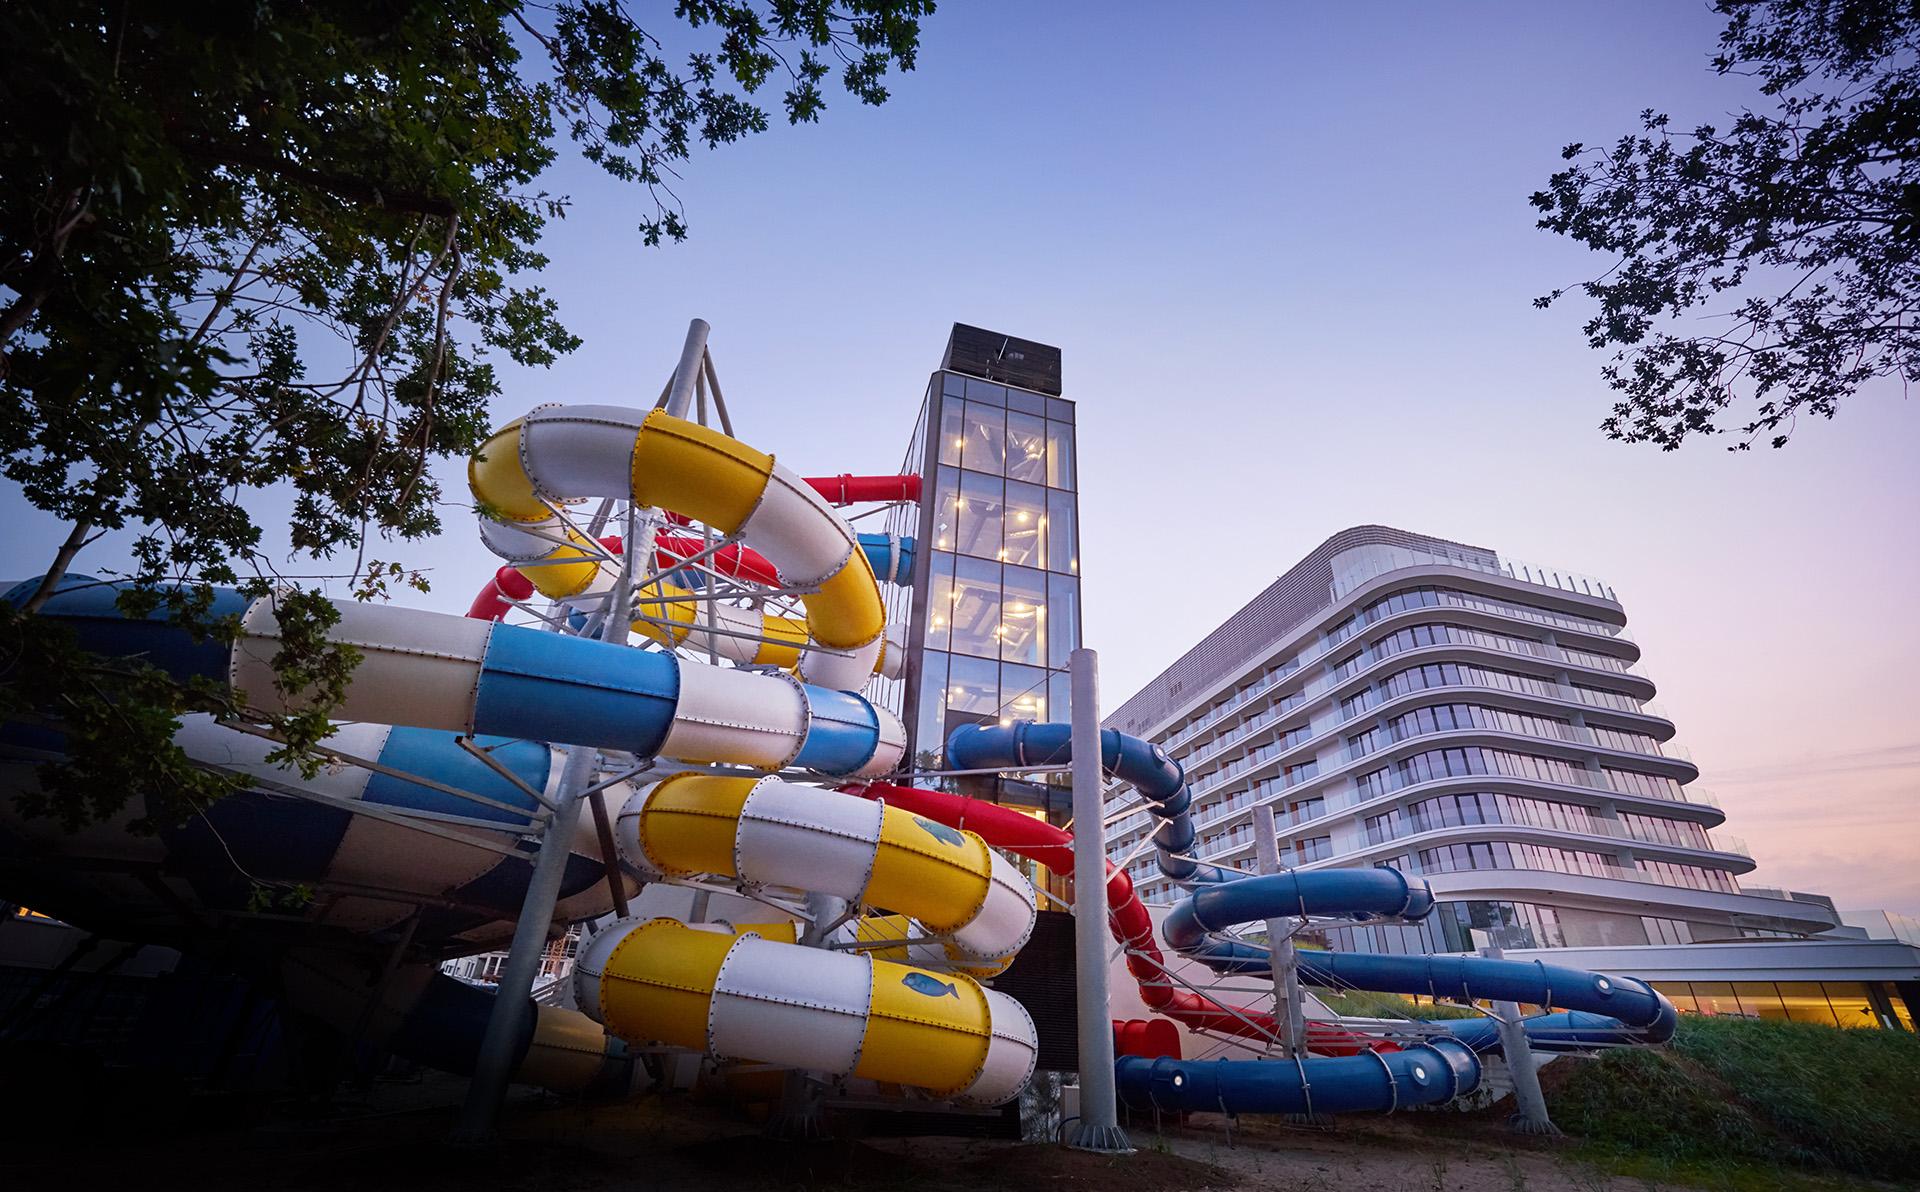 Radisson blu resort swinoujscie by zdrojowa zdjecie photo aquapark exterior zjezdzalnie 01 fullhd